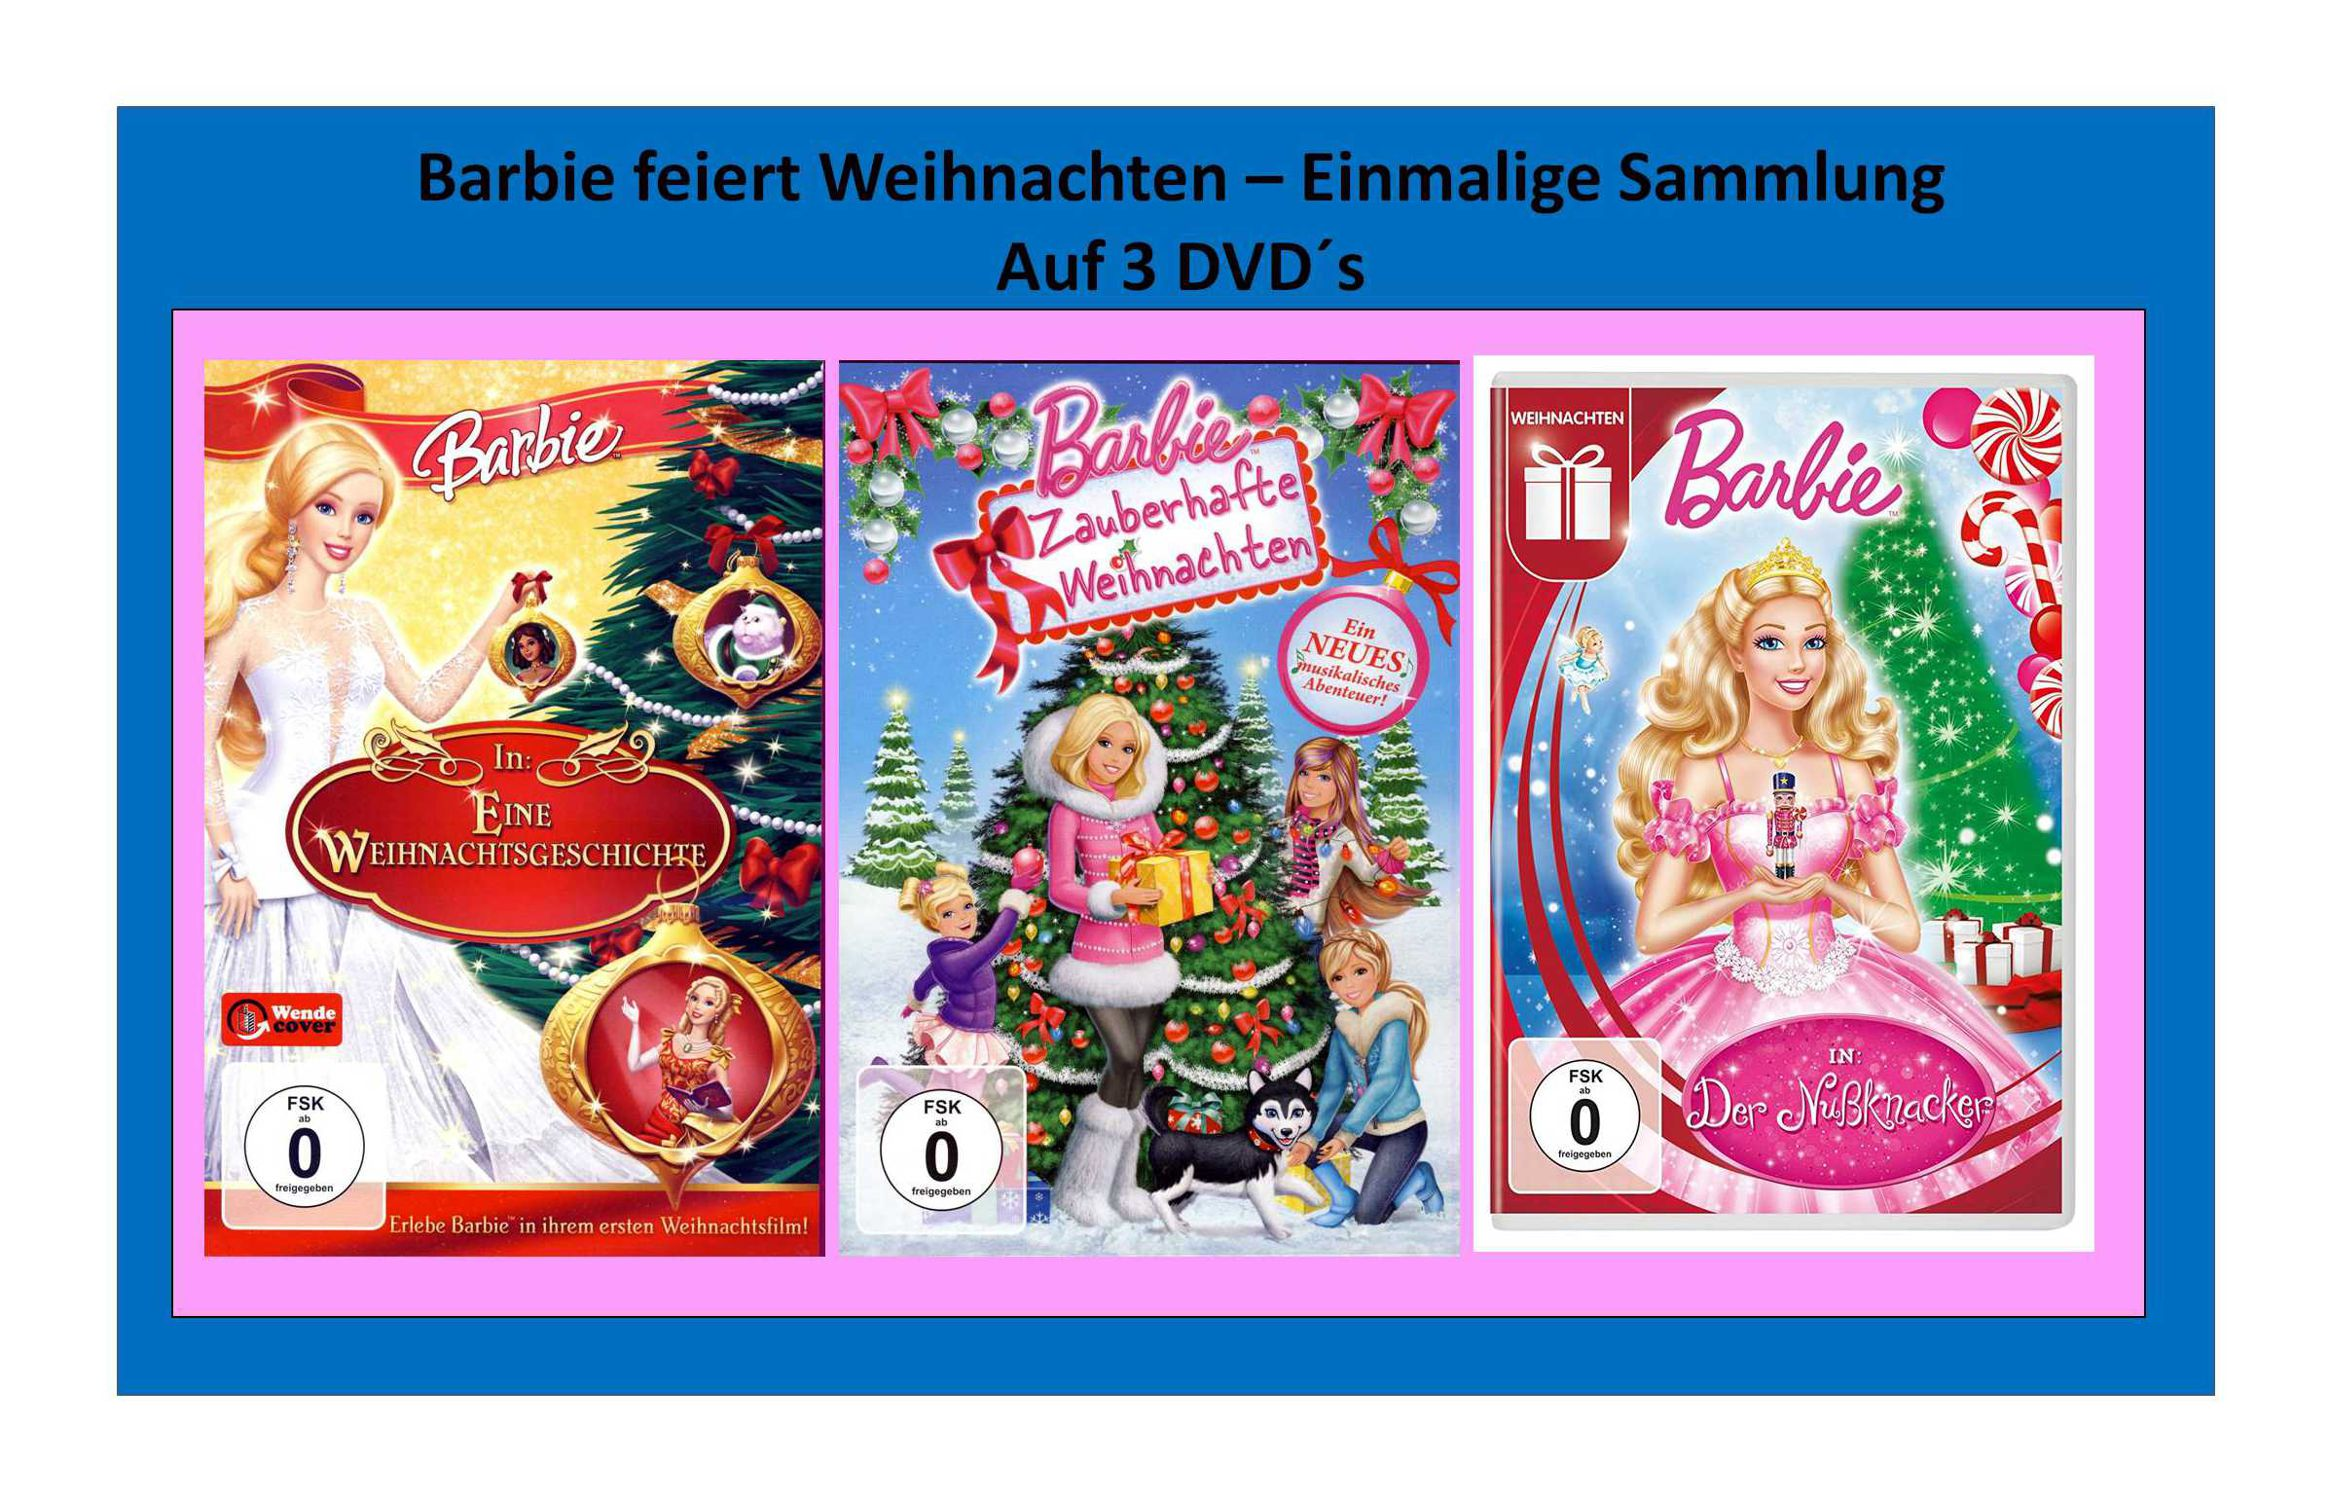 barbie feiert weihnachten 3 barbie filme zu. Black Bedroom Furniture Sets. Home Design Ideas